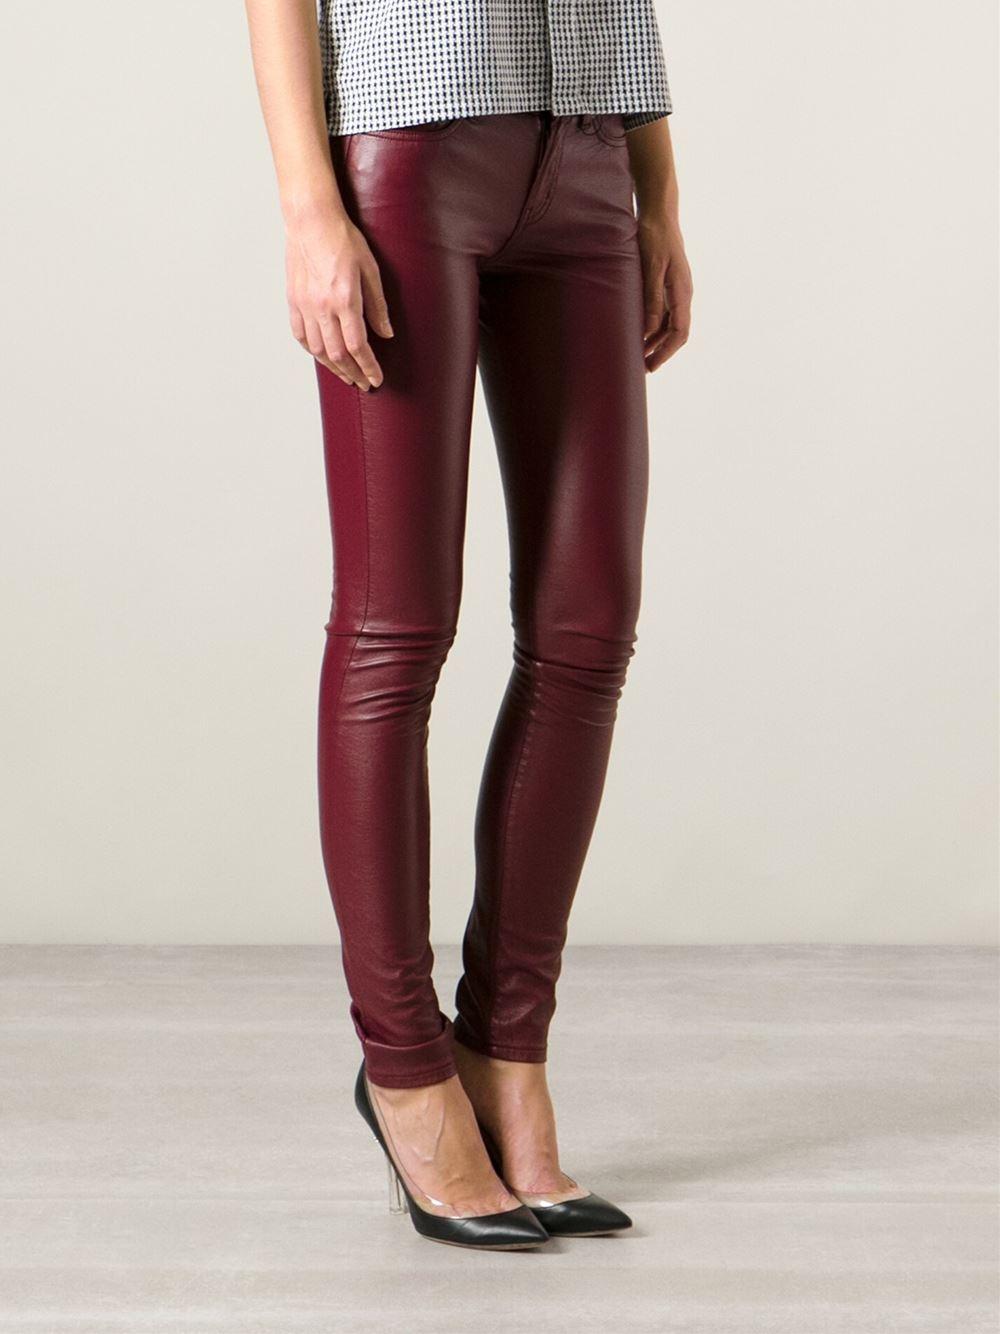 Jeans Capris For Women